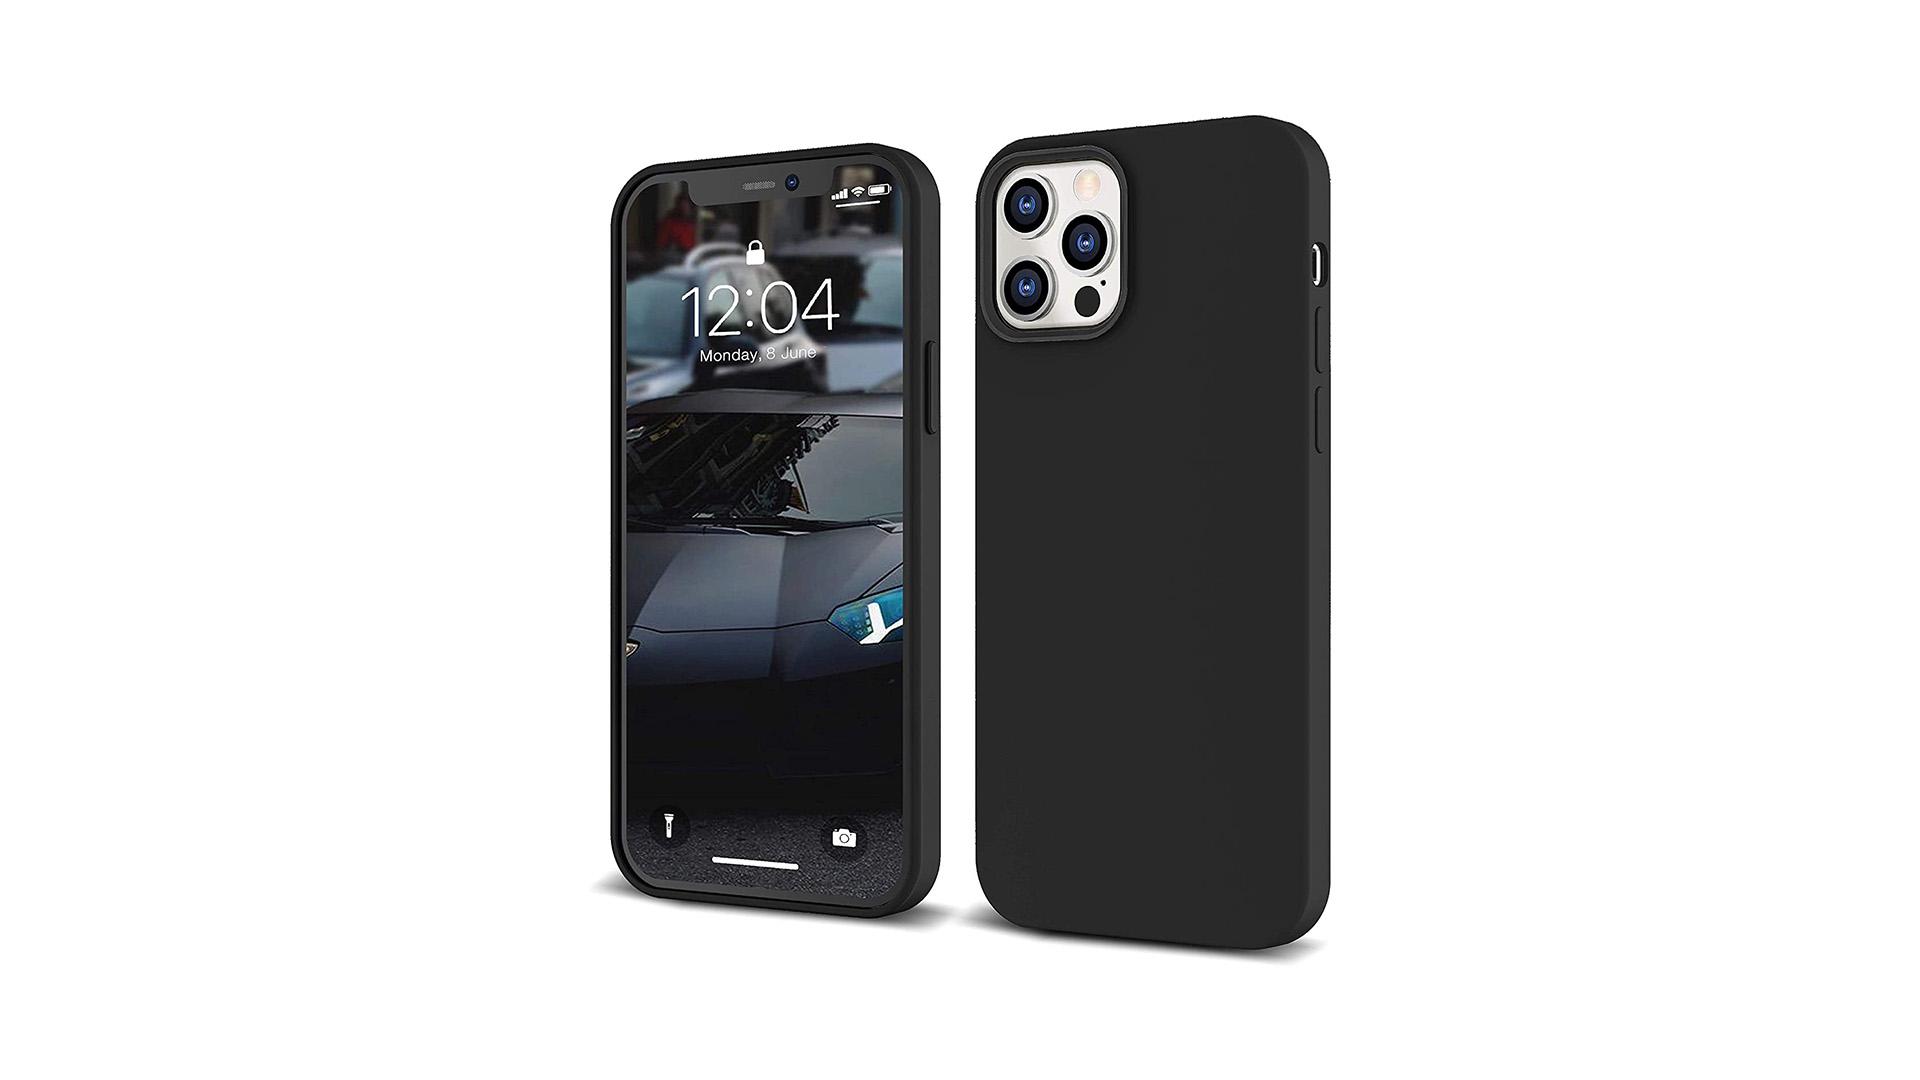 Телефонные аксессуары Силиконовые чехлы для iPhone Full Performate Protection Aubize Rood Soft Silicone Rubber 5.4 дюйма телефона DH-силикона